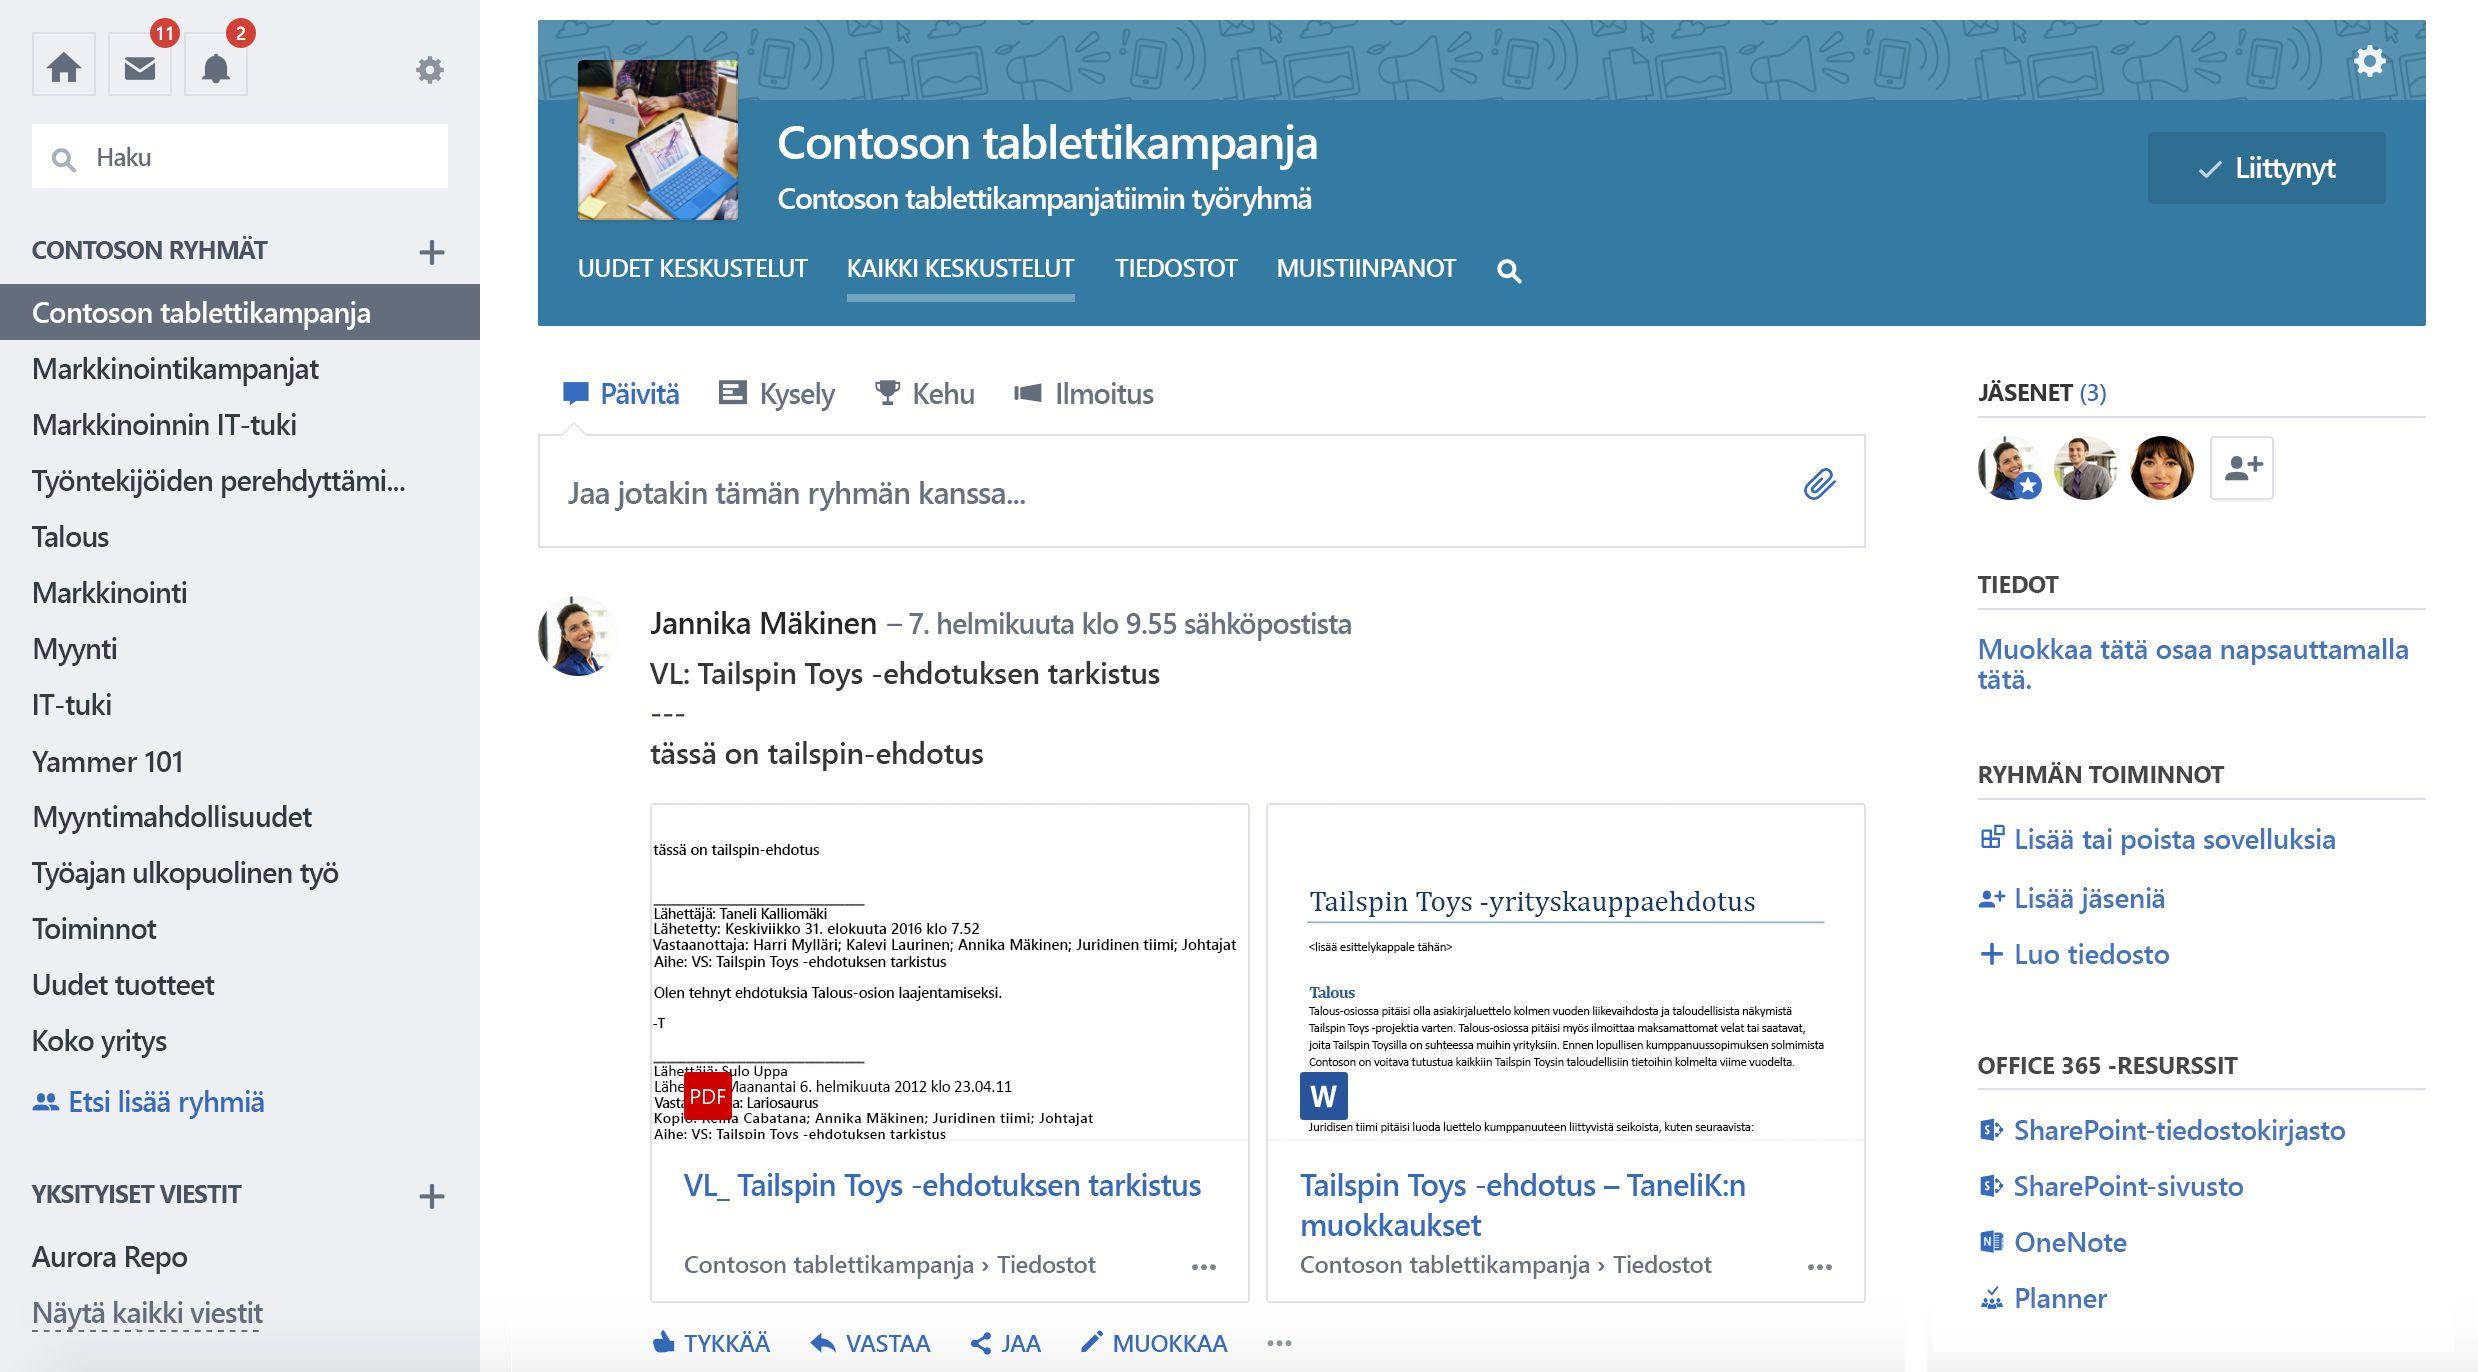 Näyttökuva Office 365 yhdistetty Yammeriin ryhmäkeskustelut